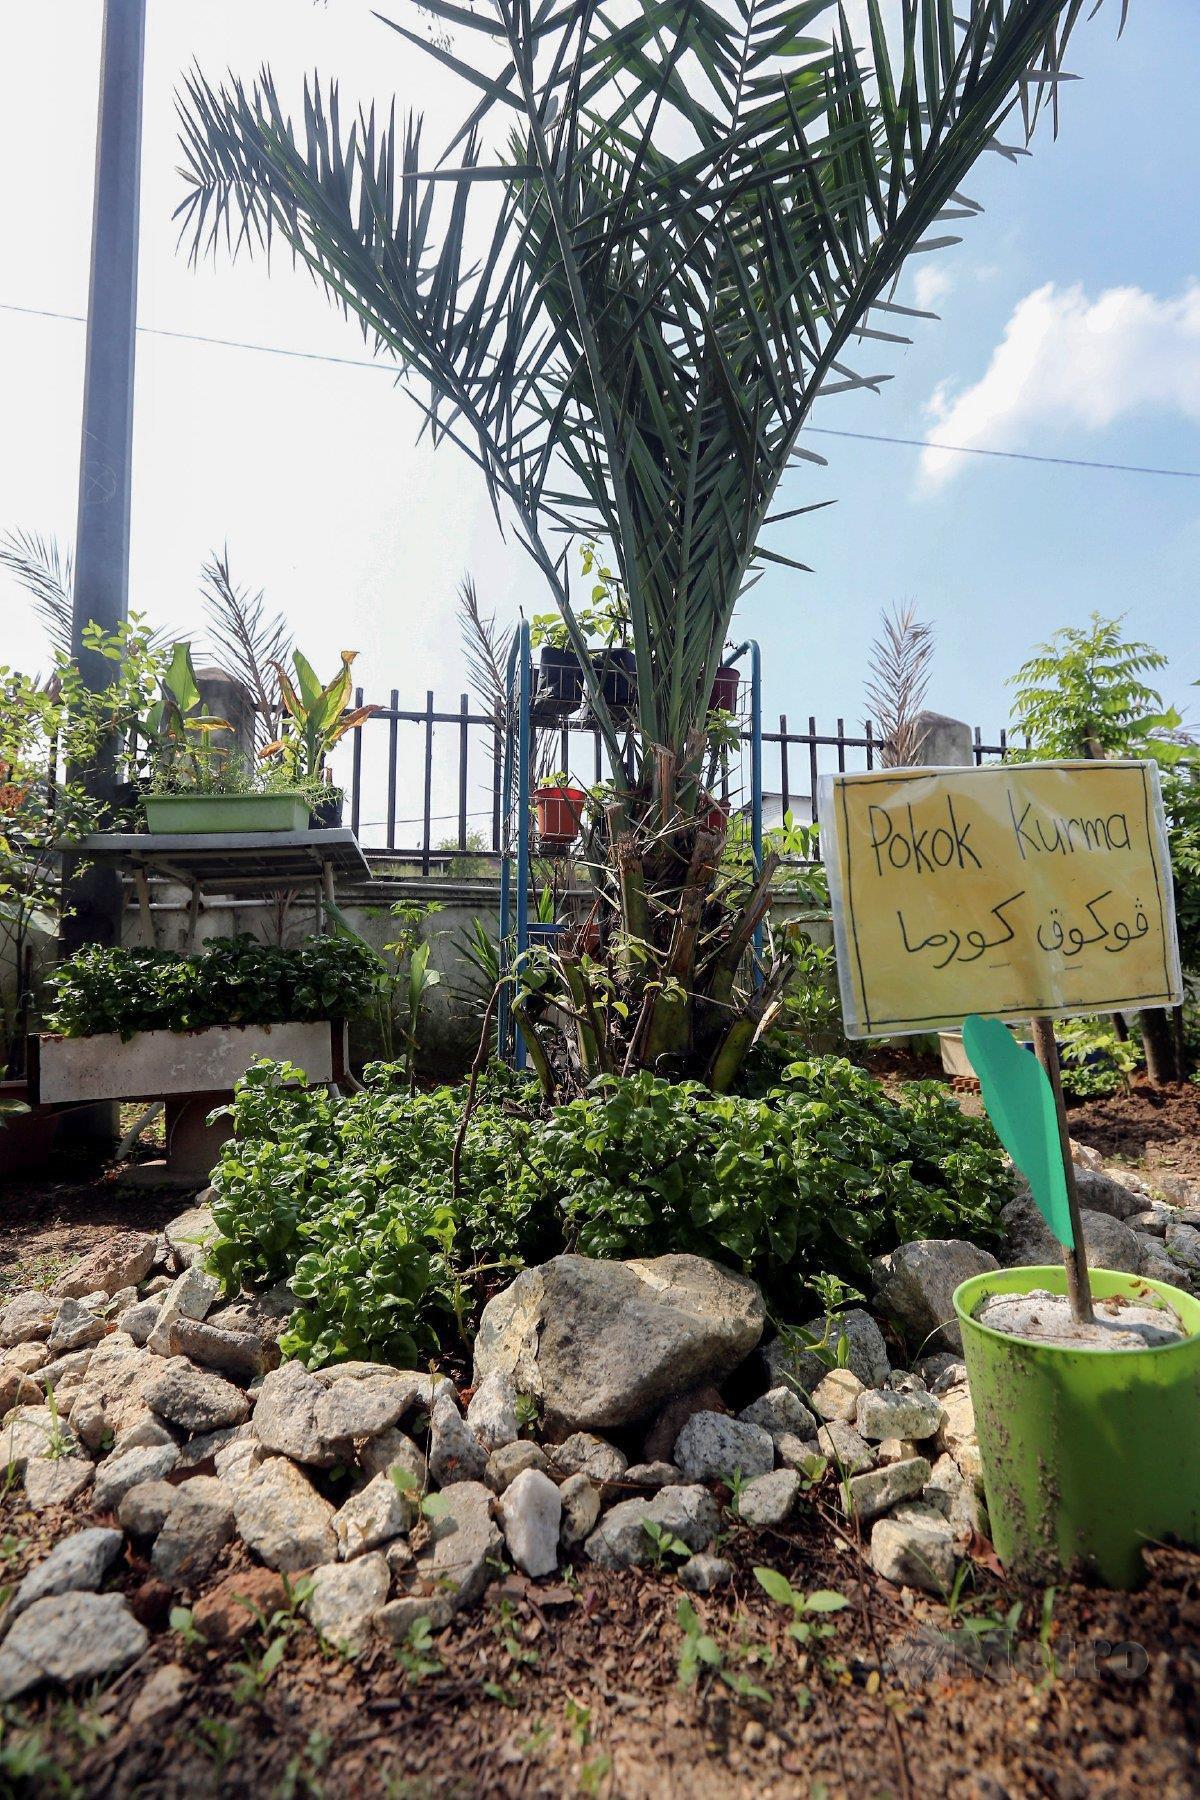 POKOK kurma dirawat semula selain turut ada tanaman bayam brazil di sekelilingnya.